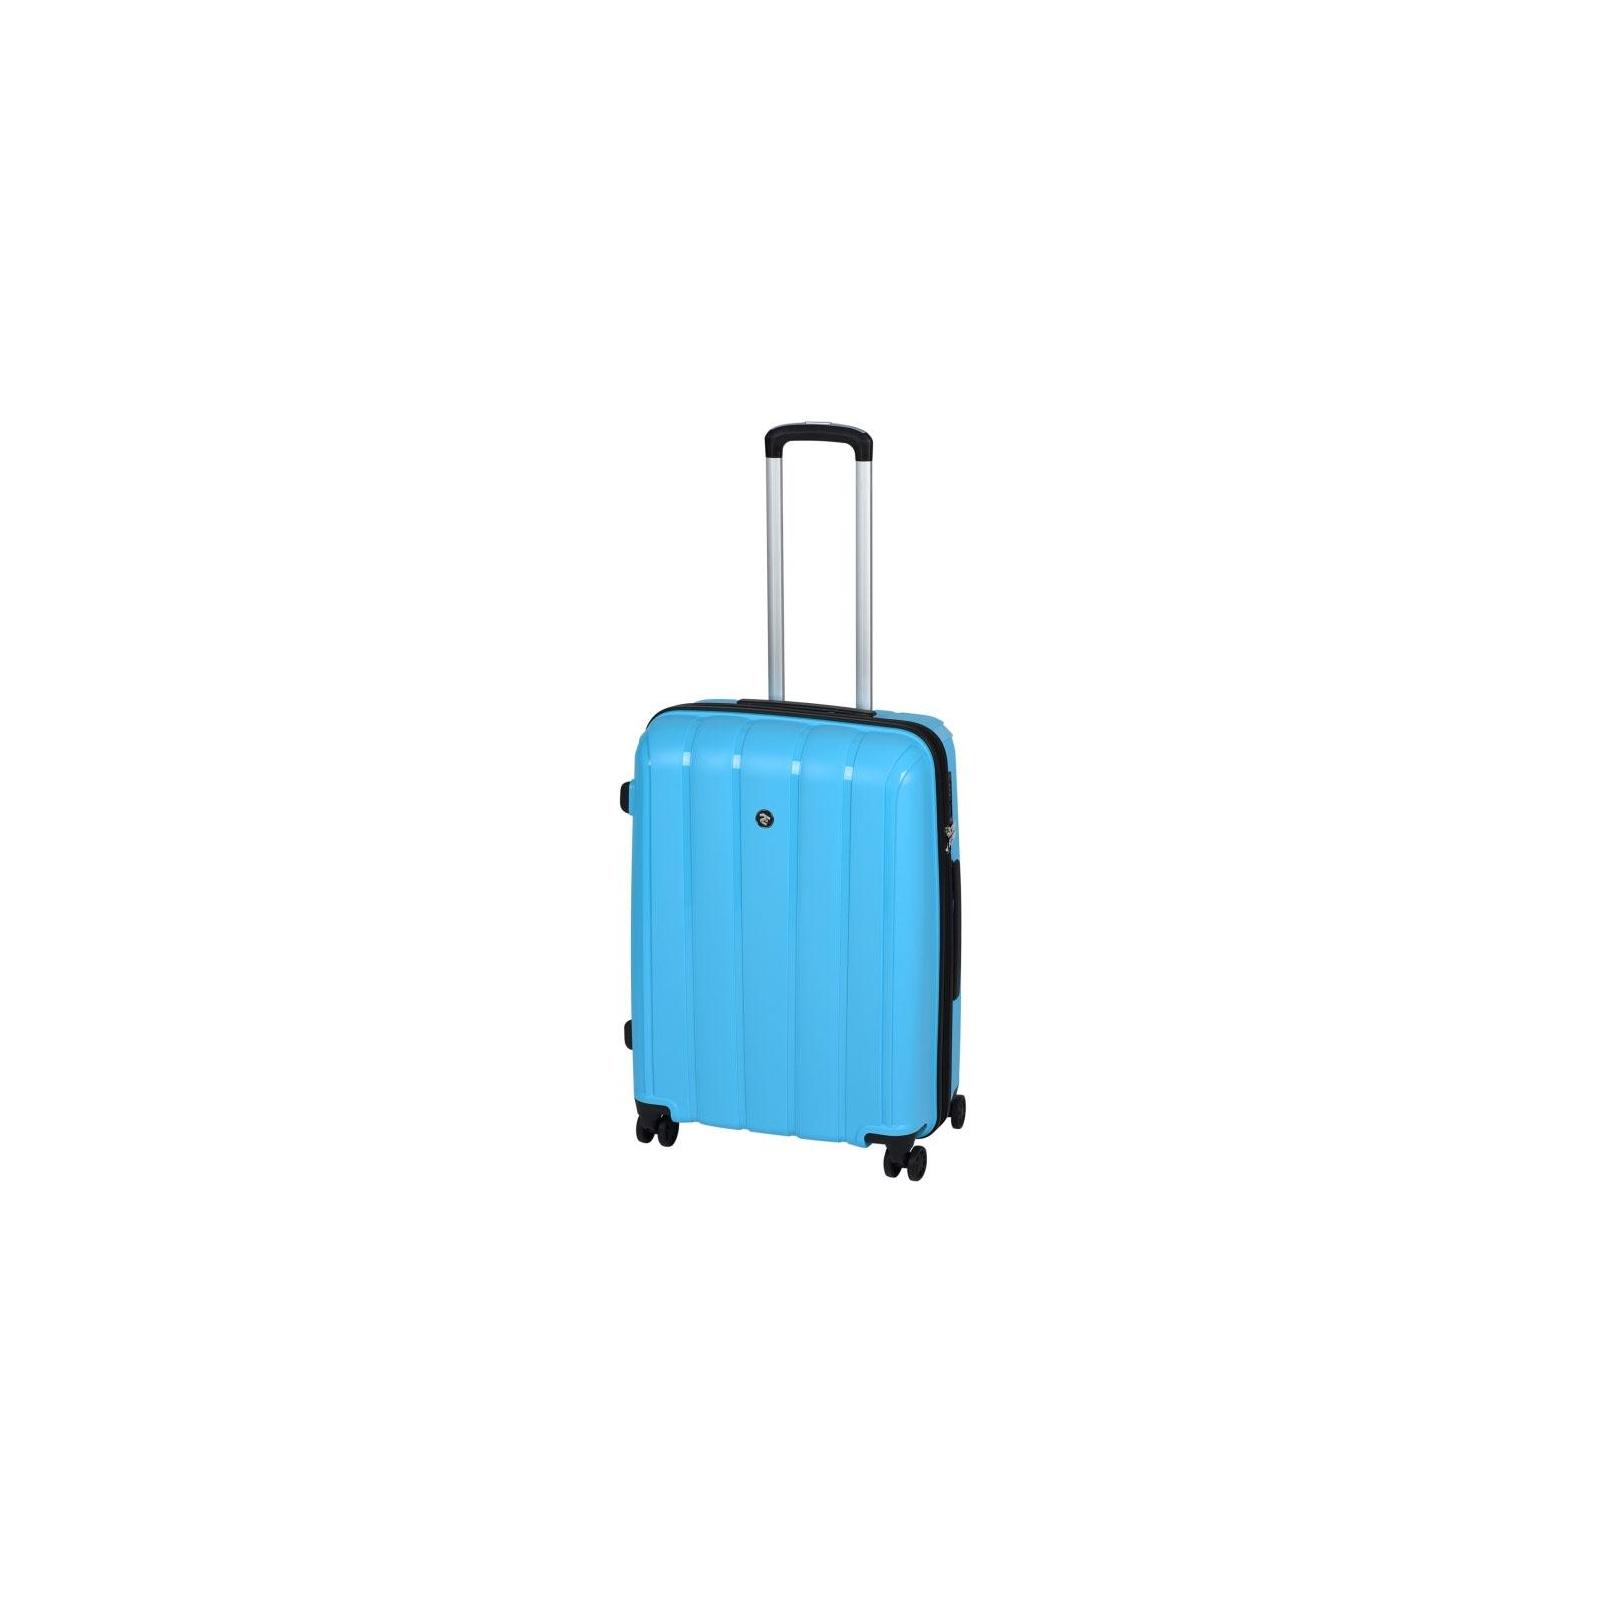 Чемодан 2E Youngster средний синий (2E-SPPY-M-NV) изображение 2